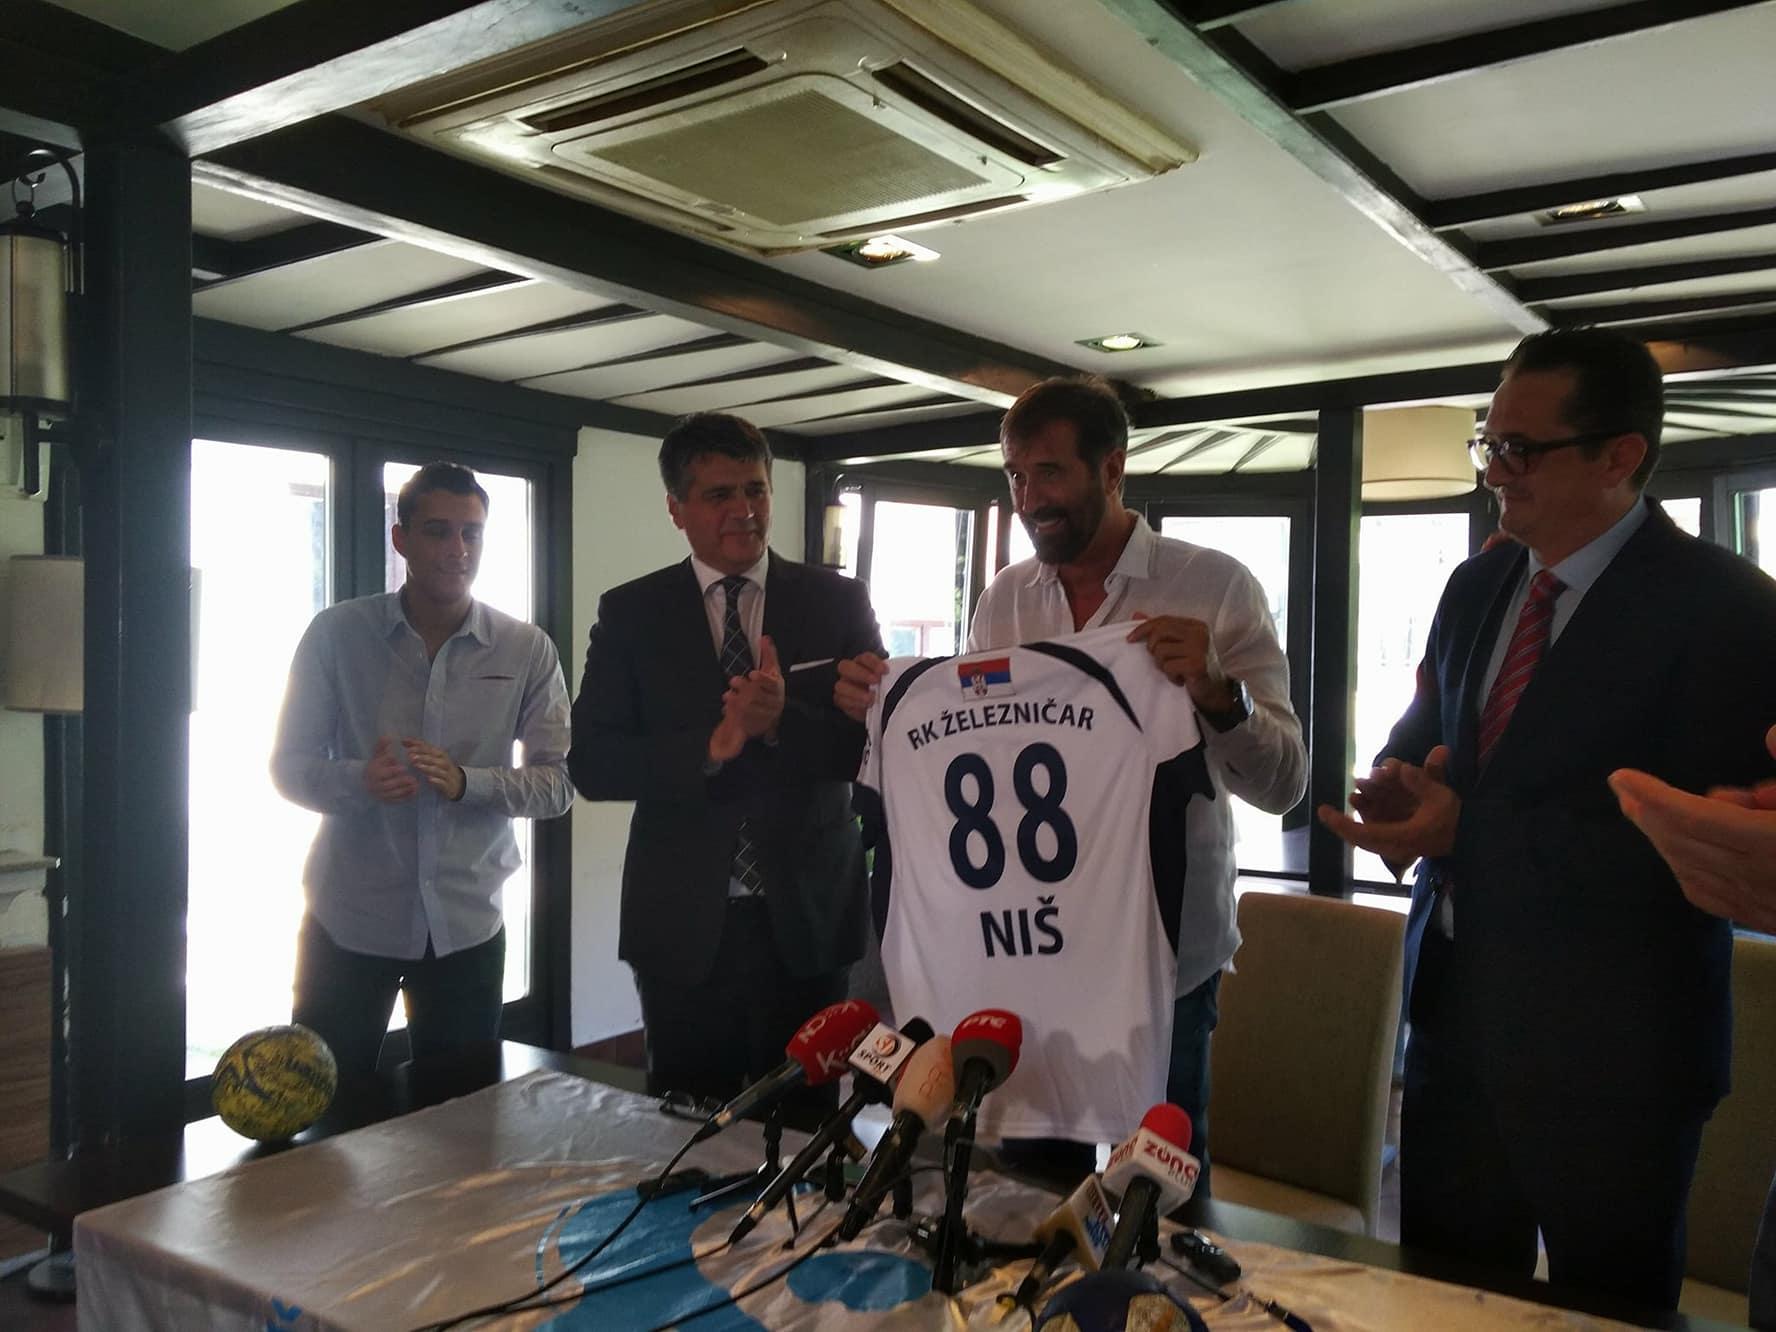 Vujović: Ambicije Želje su da osvoji domaće prvenstvo i SEHA kup